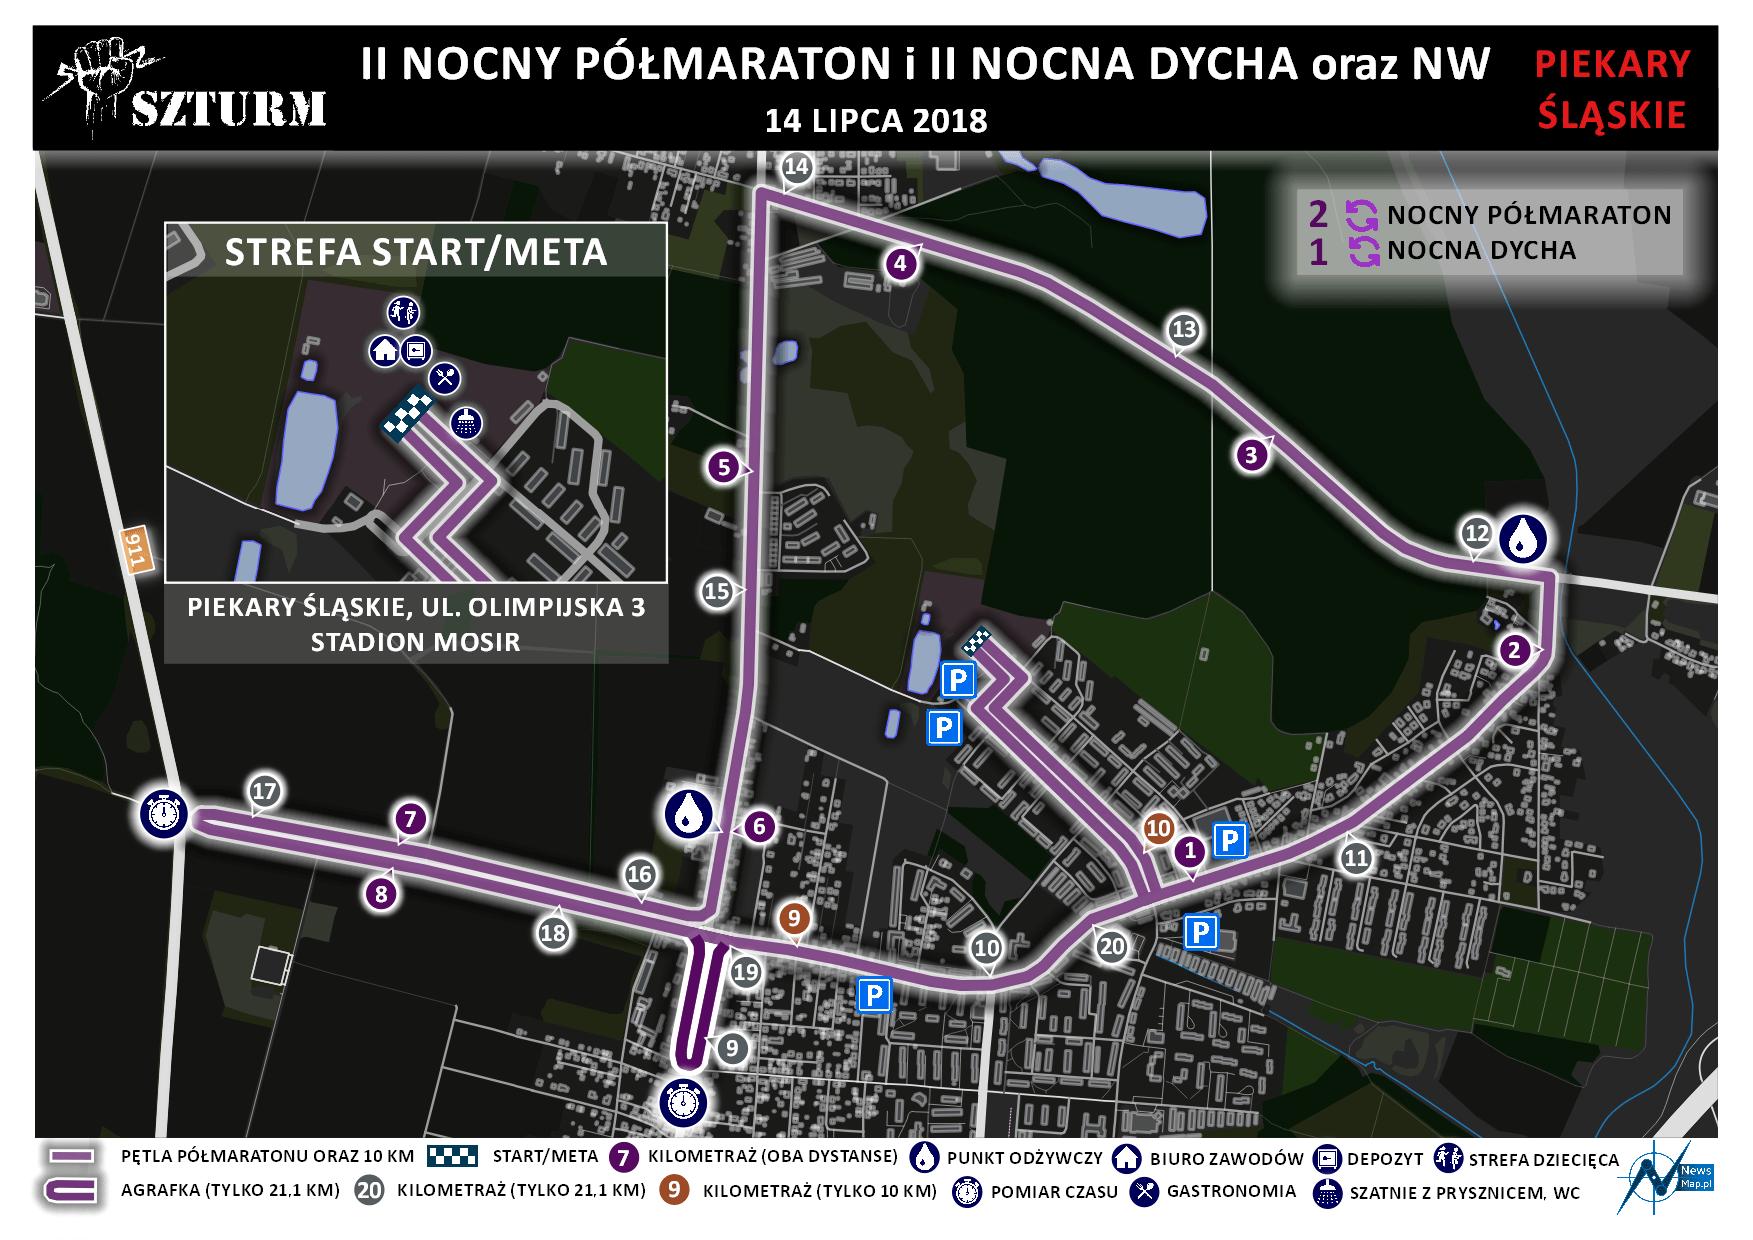 Trasa Półmaraton Piekary Śląskie 2018 (on-line)